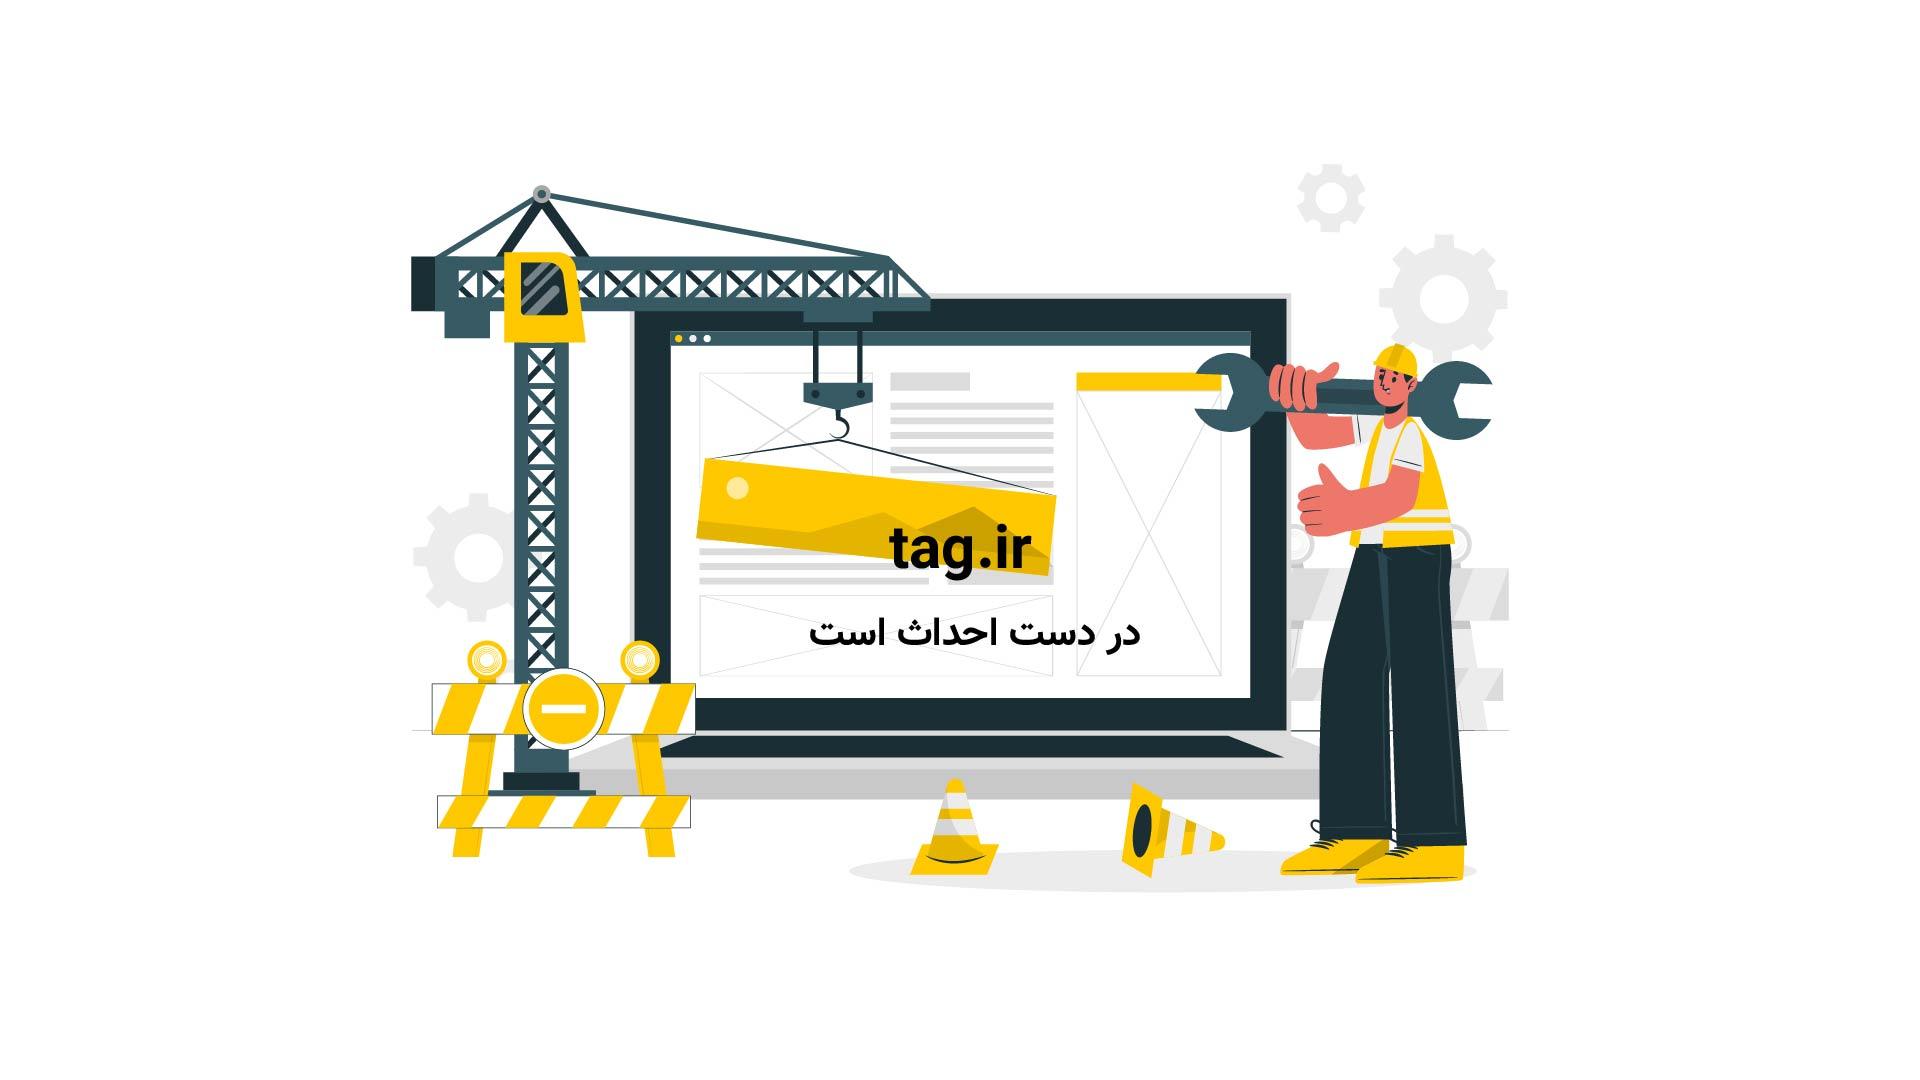 عملیات پلیس ویژه روسیه برای دستگیری عوامل تروریستی در مسکو | فیلم